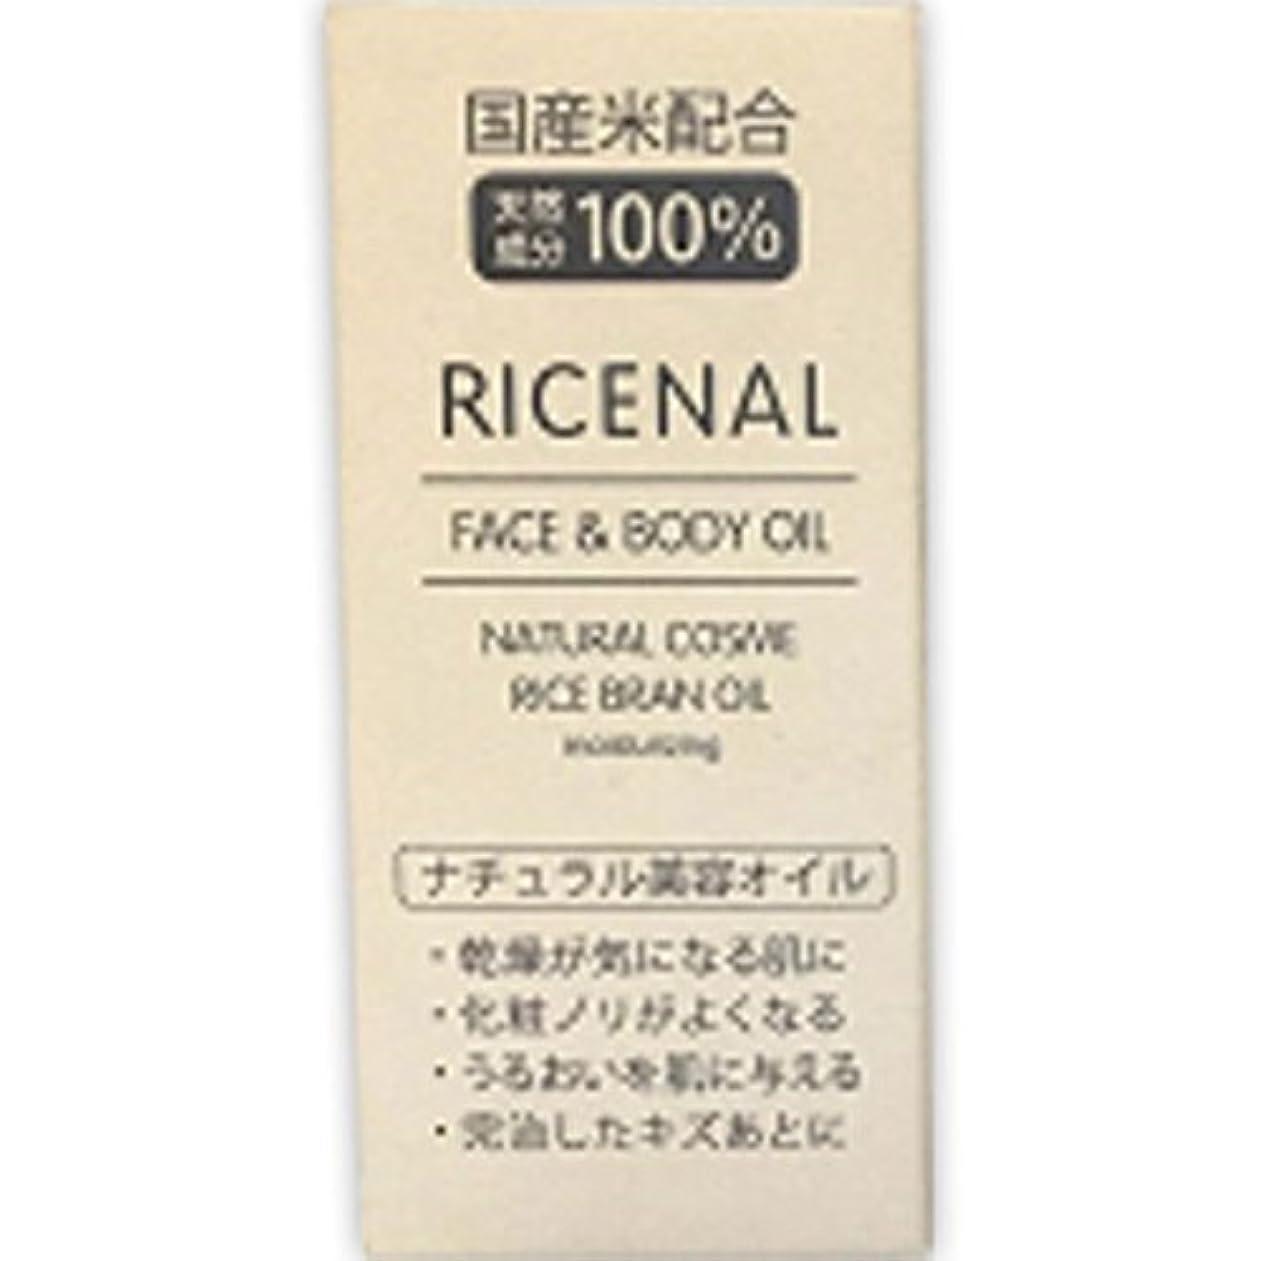 炭素倍増インチリセナル 美容オイル ミニサイズ (無香料) 20mL